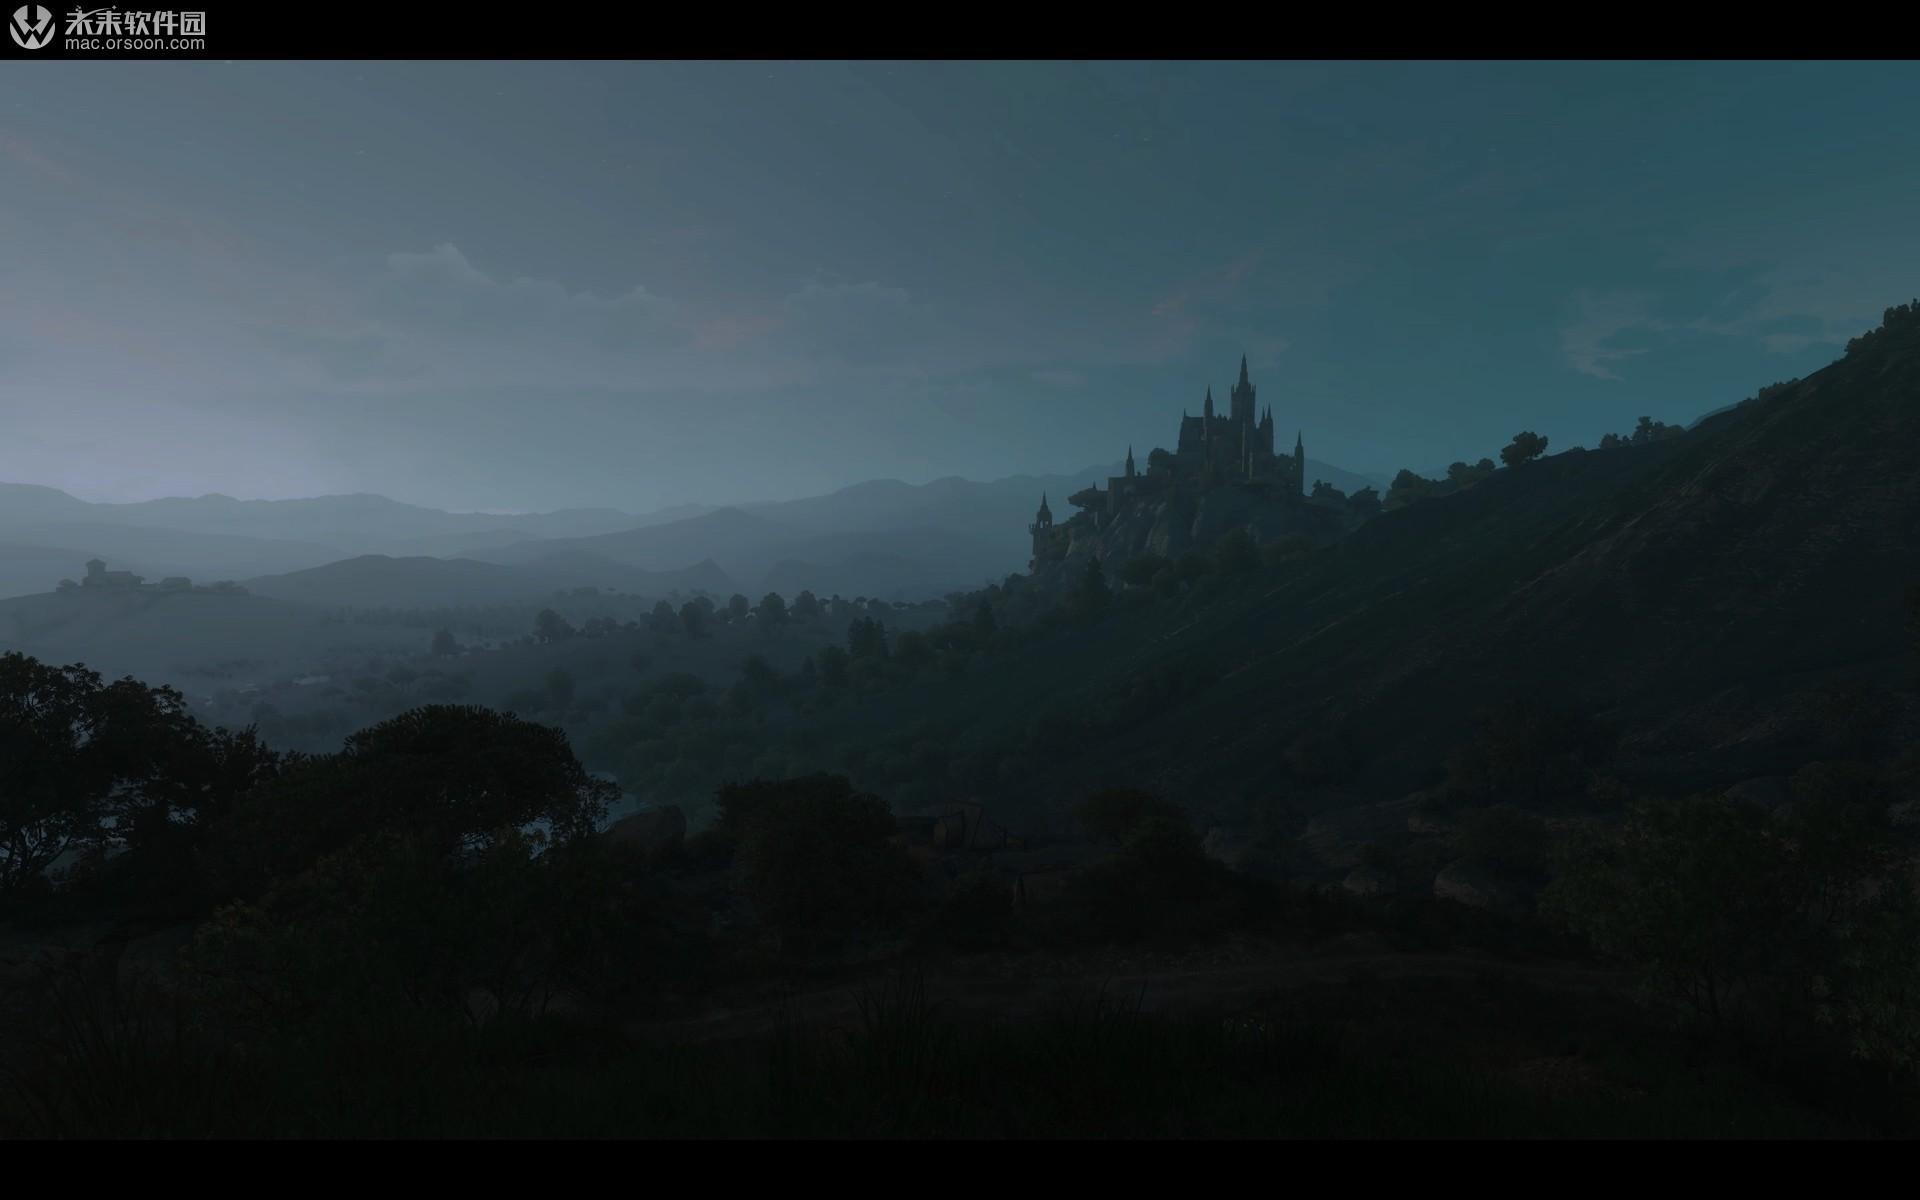 巫师3游戏风景桌面壁纸